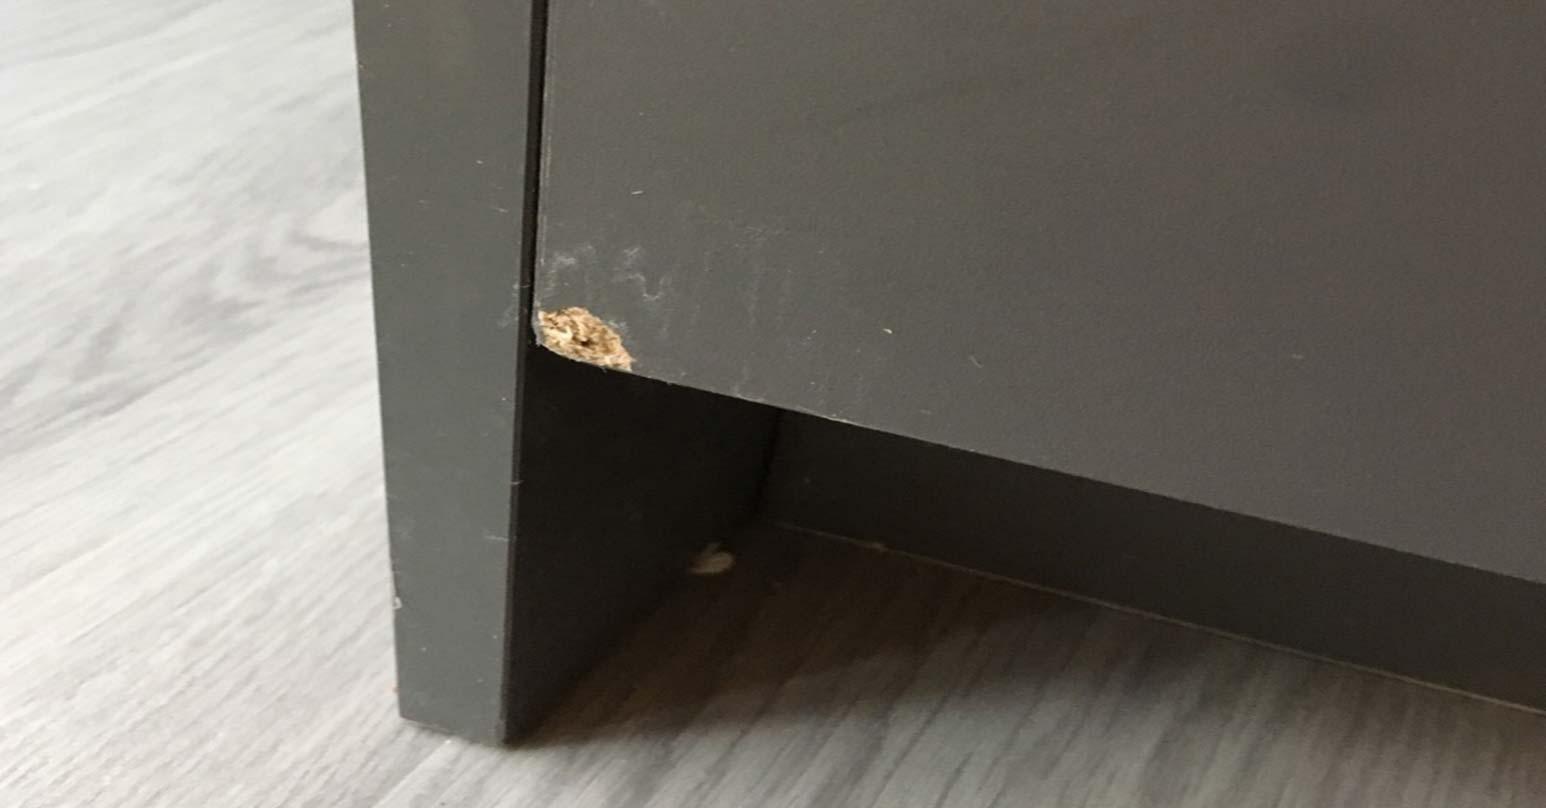 Cupboard dent - Before repair